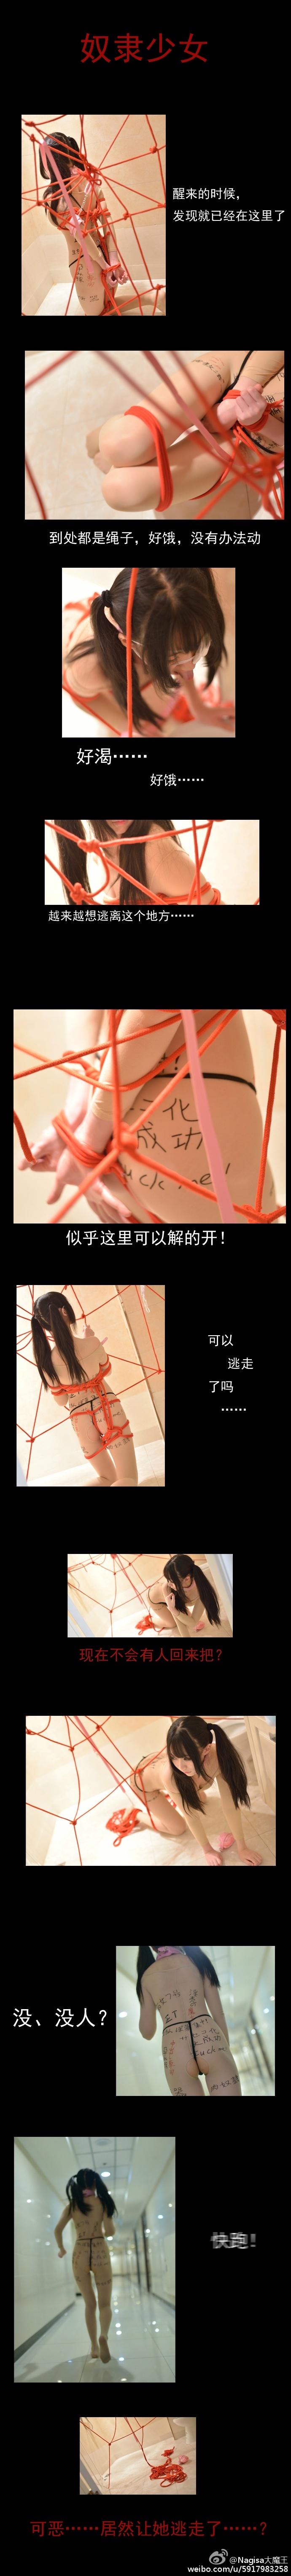 Nagisa大魔王奴隶少女_美女福利图片